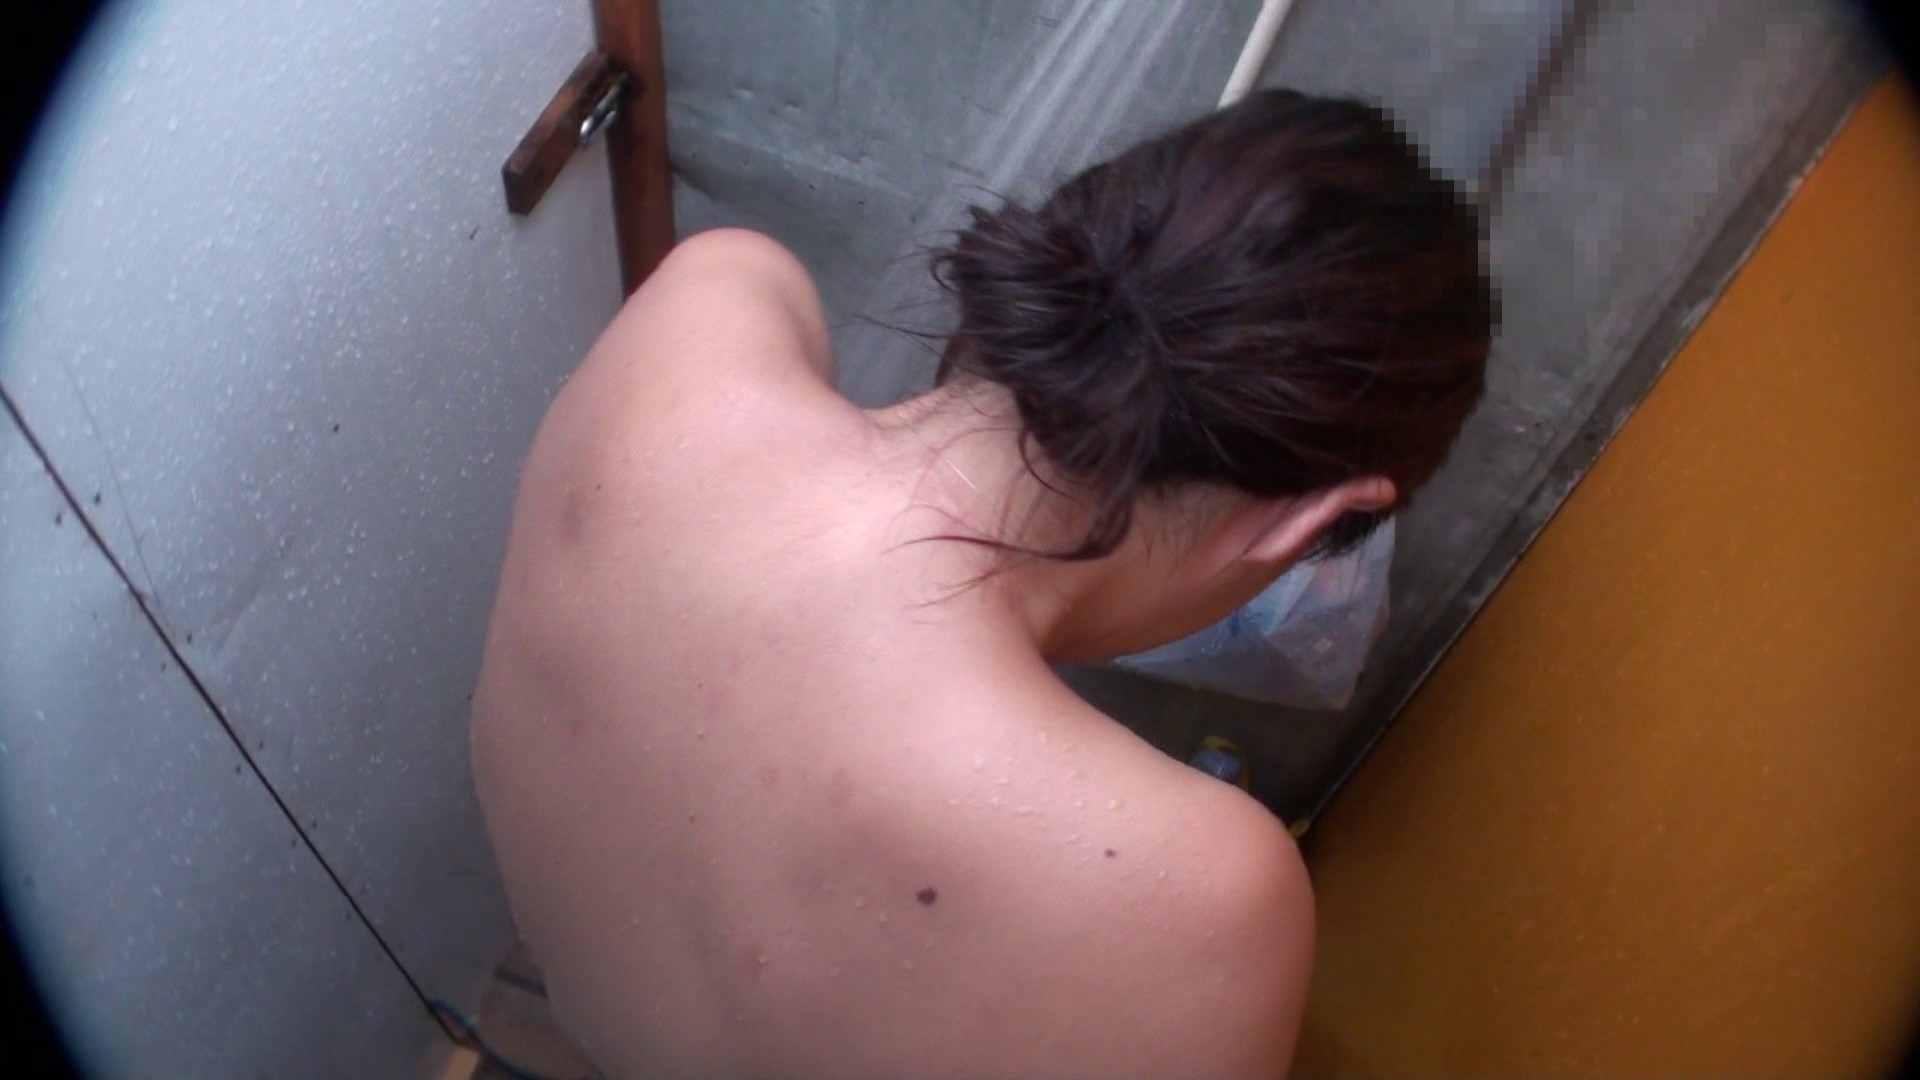 ハイビジョンVol.31 清楚なママのパンツはティーバック シャワー室 スケベ動画紹介 102枚 67